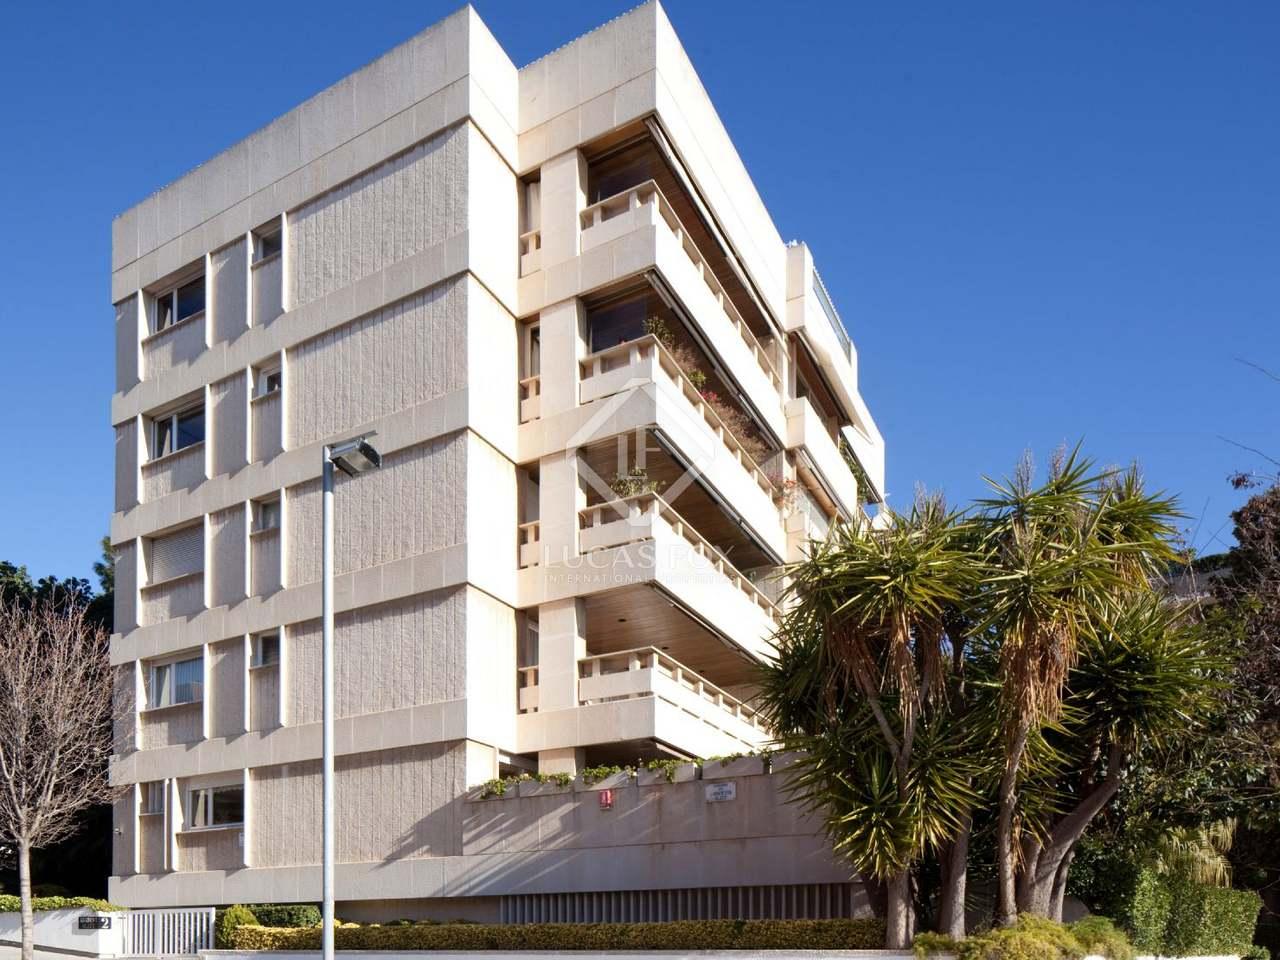 Appartement de 280m a vendre pedralbes avec 80m de jardin for Appartement barcelone piscine